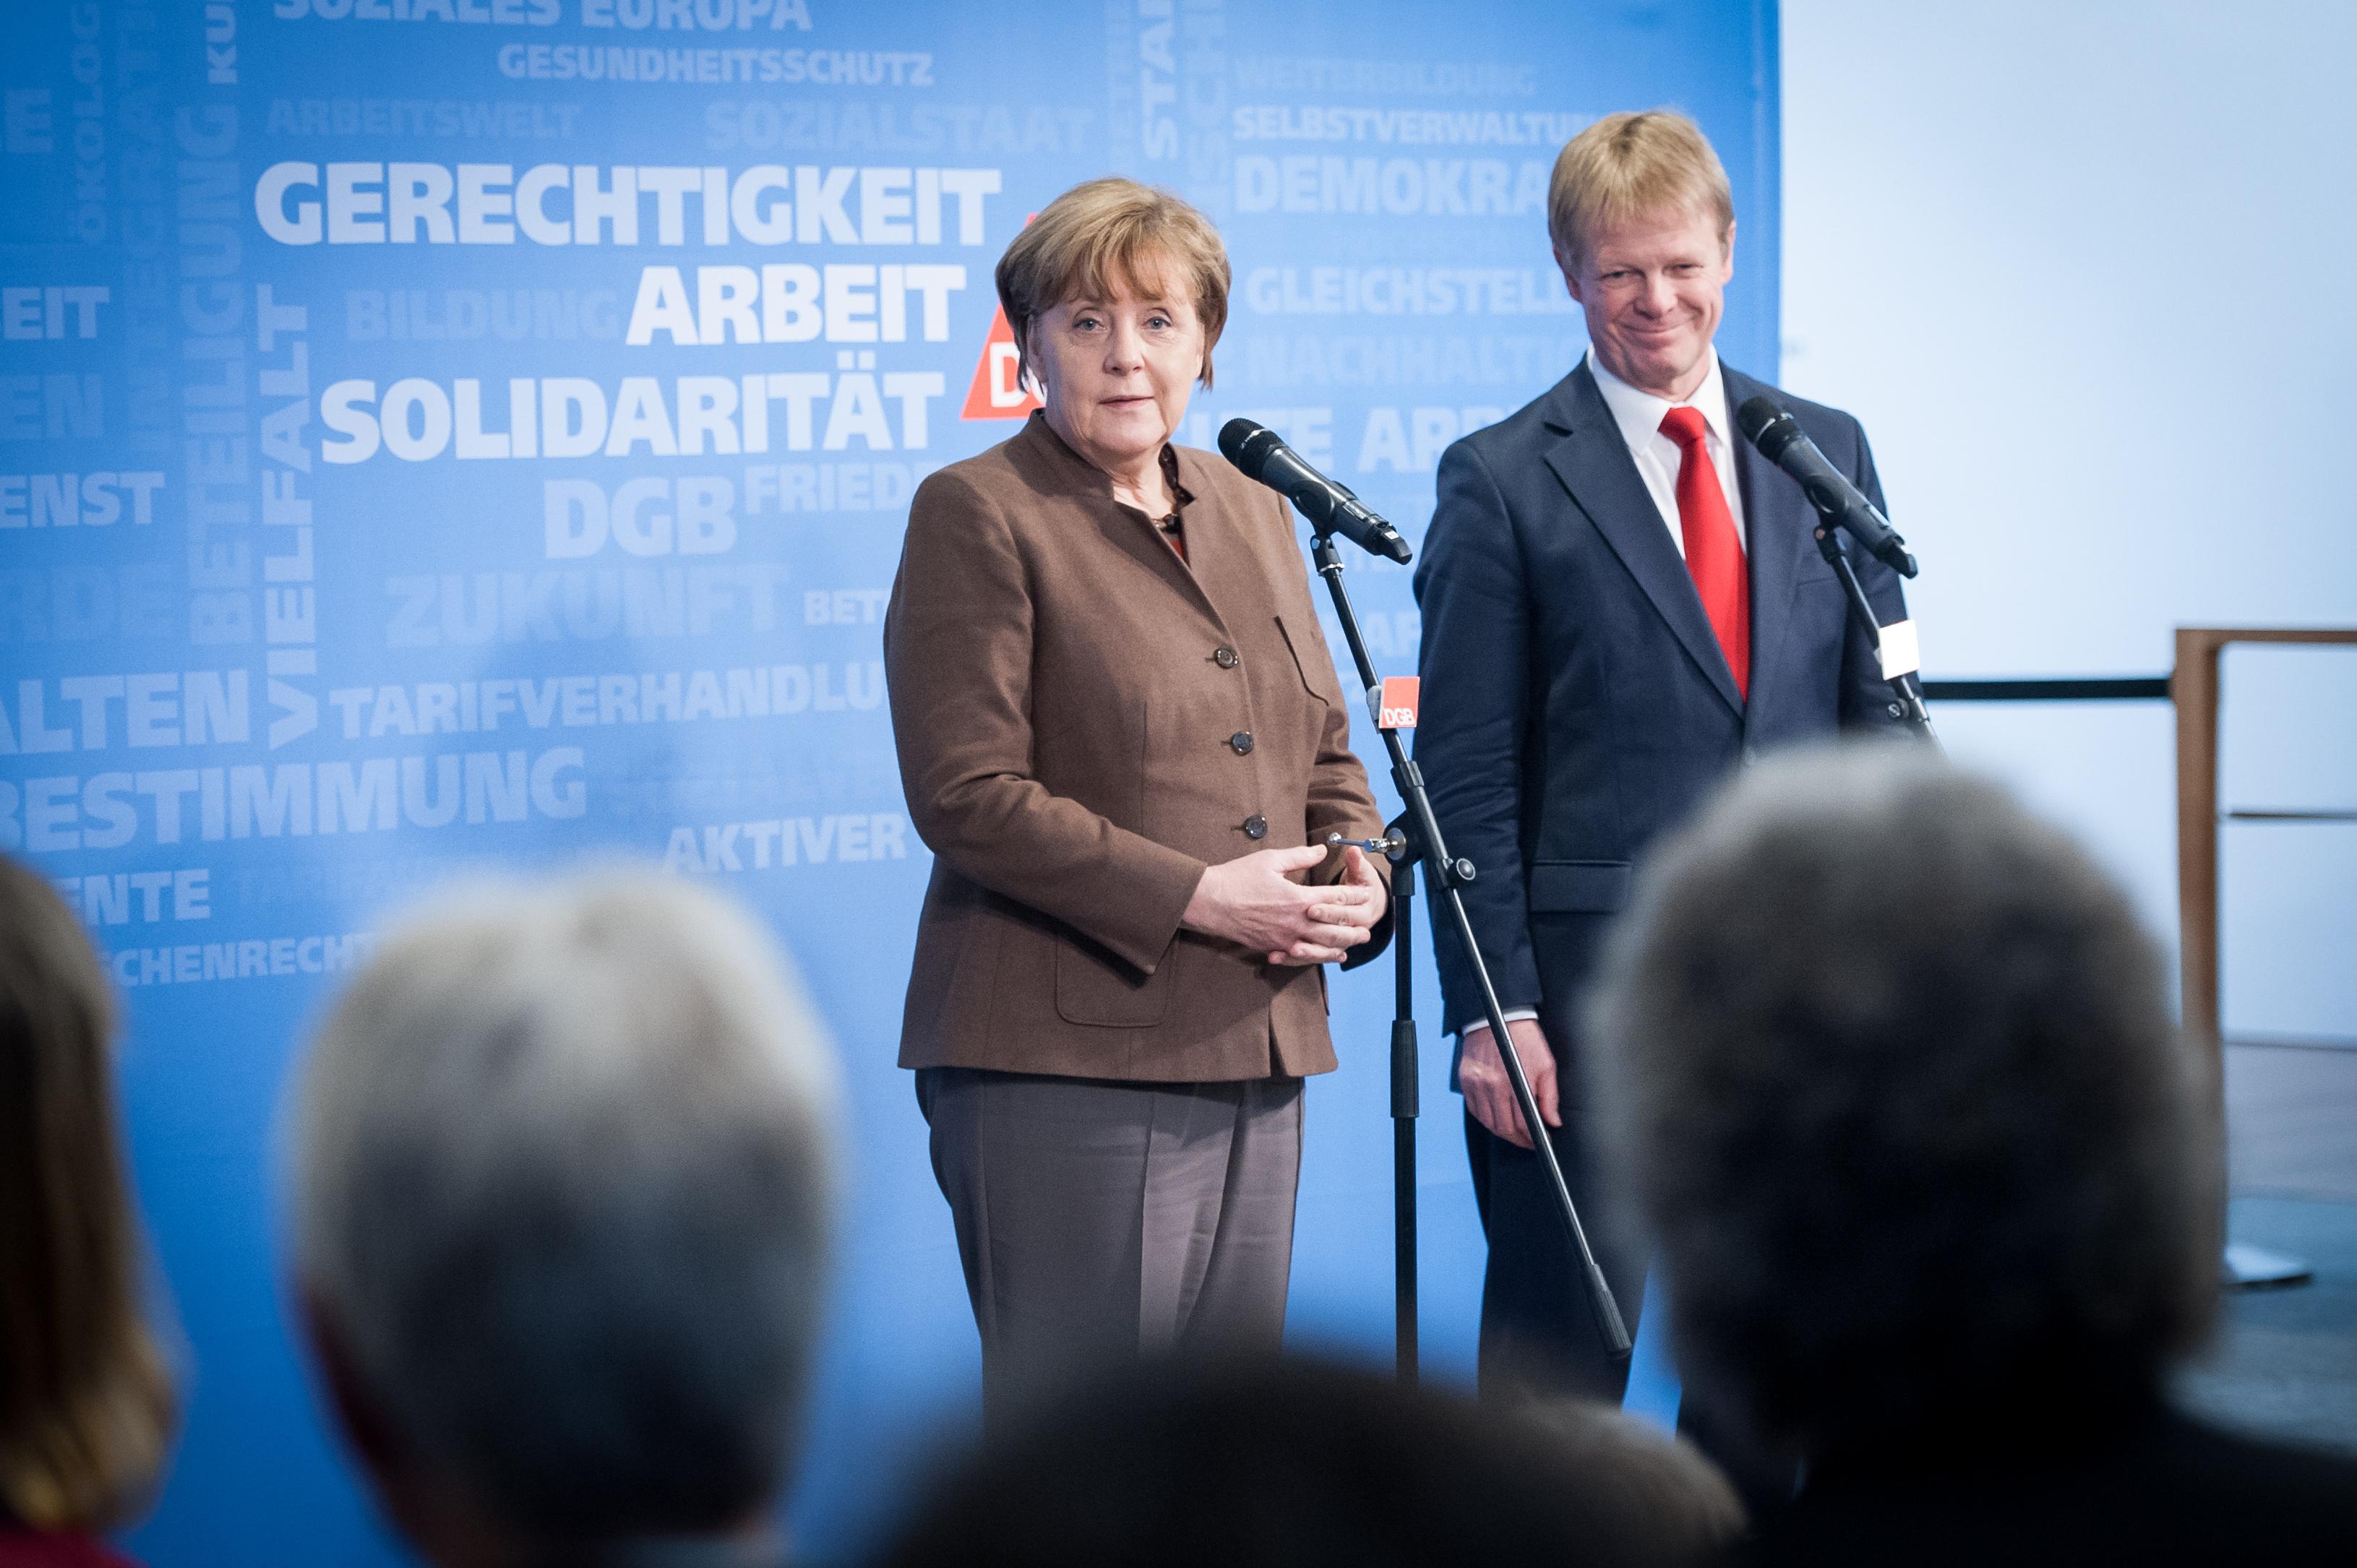 Statements des DGB-Vorsitzenden Reiner Hoffmann und von Bundeskanzlerin Angela Merkel